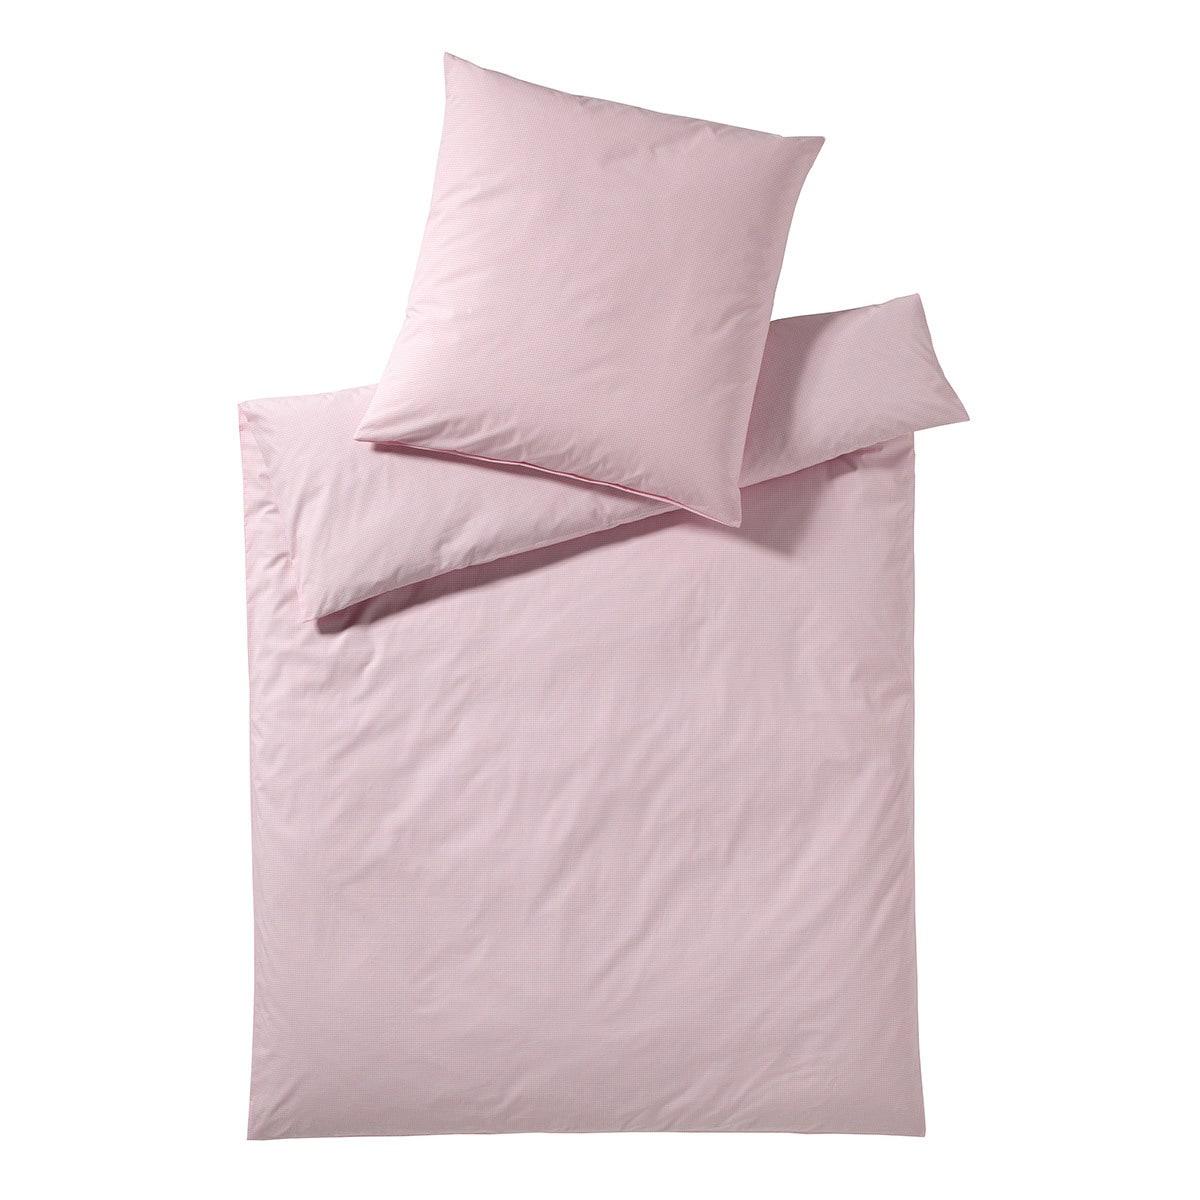 elegante bettw sche vichy rose g nstig online kaufen bei bettwaren shop. Black Bedroom Furniture Sets. Home Design Ideas